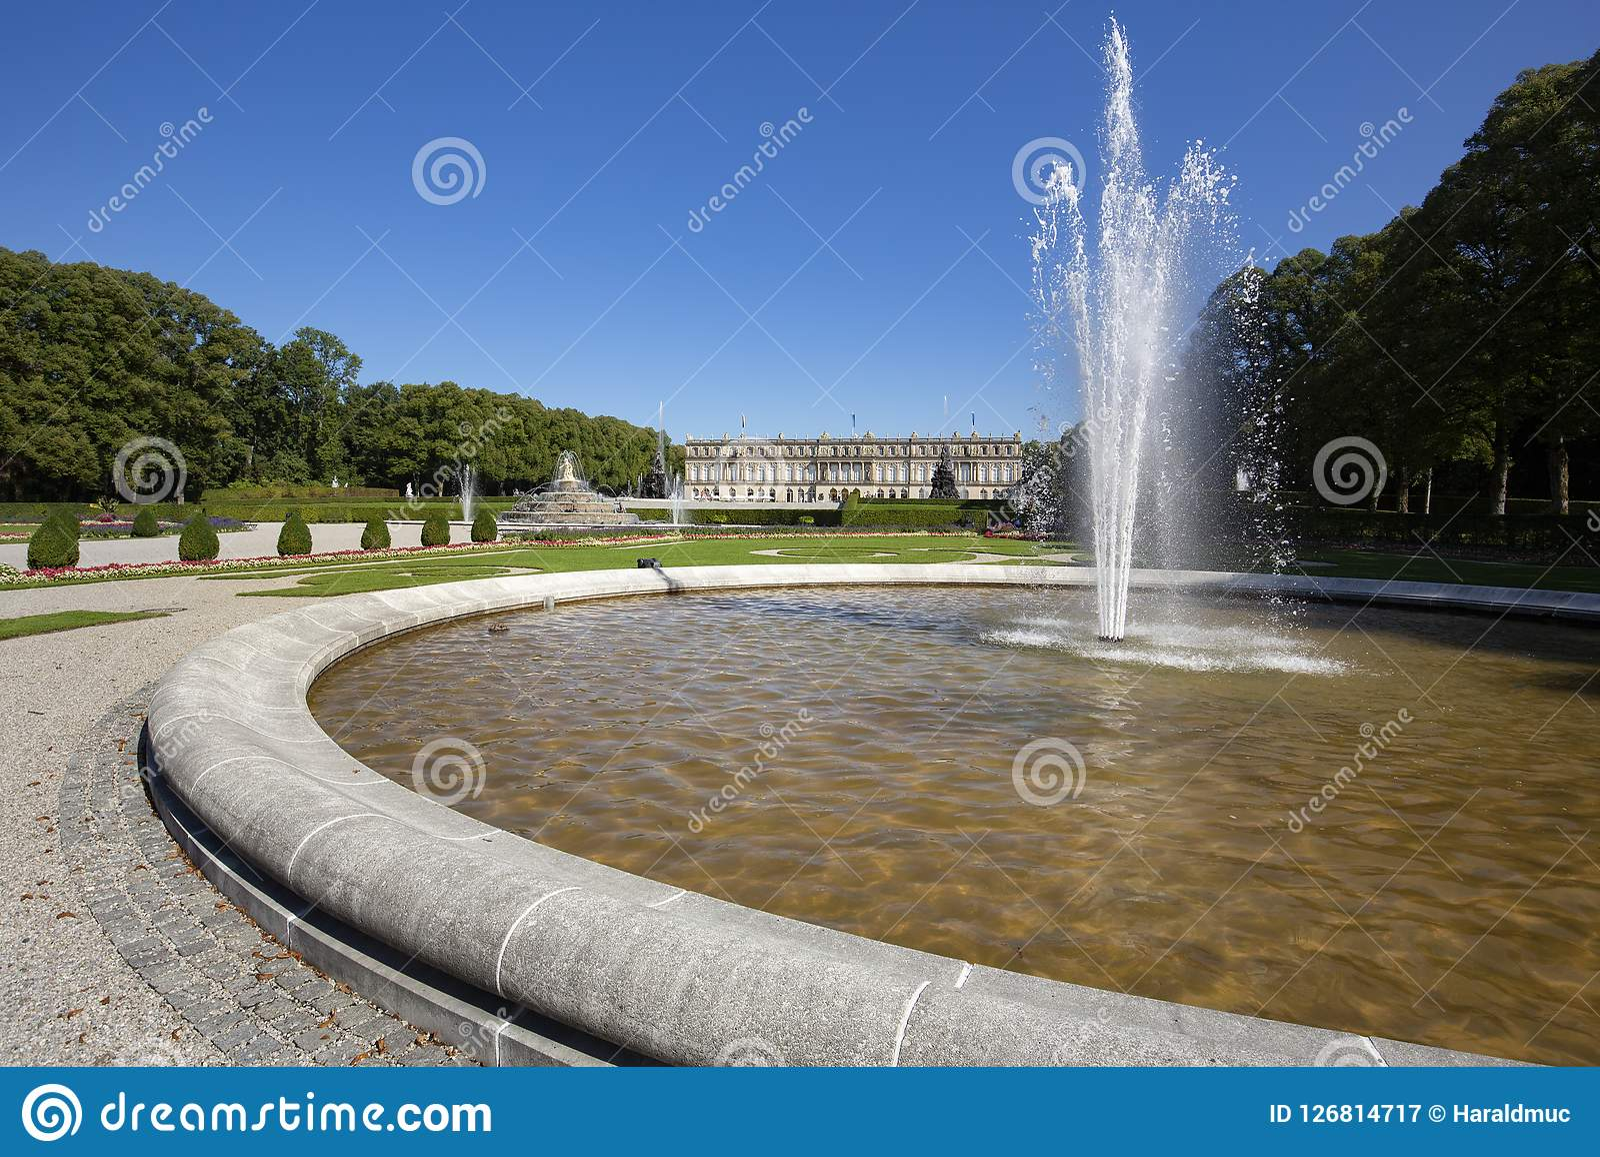 Het beroemde Herrenchiemsee-kasteel in Beieren, Duitsland Royalty-vrije Stock Fotografie